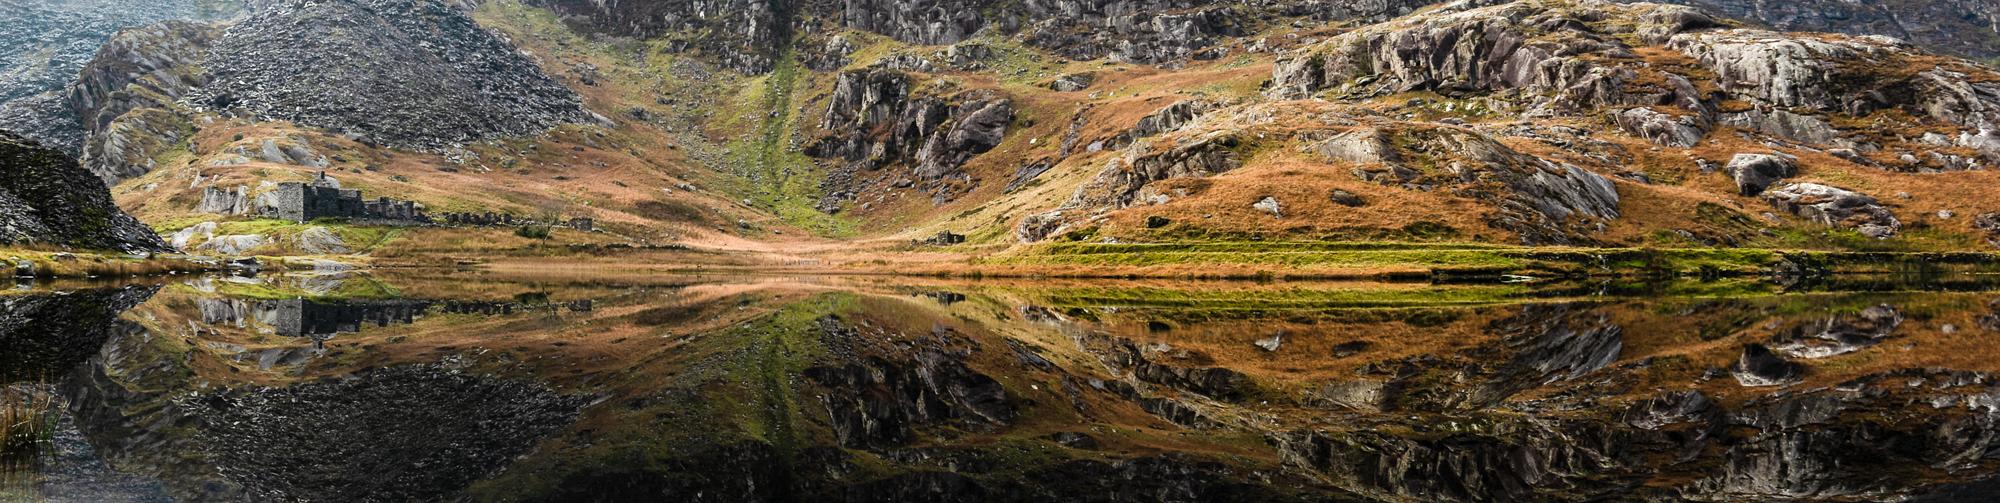 Cwmorthin Slate Mines, Blaenau Ffestiniog. Snowdonia Workshop with Nigel Forster